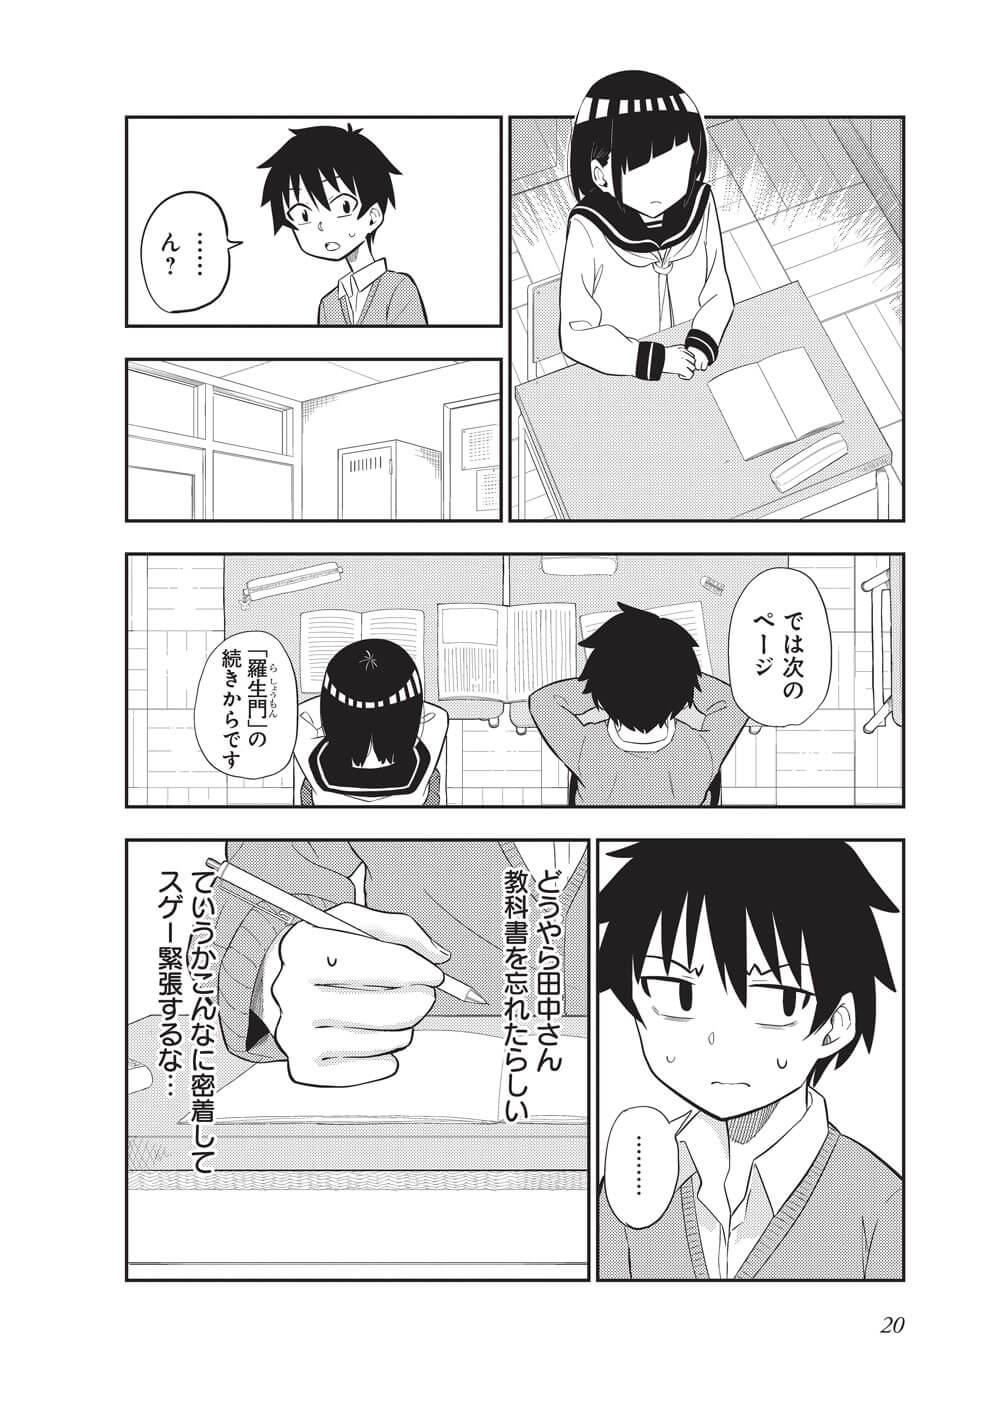 クラスメイトの田中さんはすごく怖い-2-2